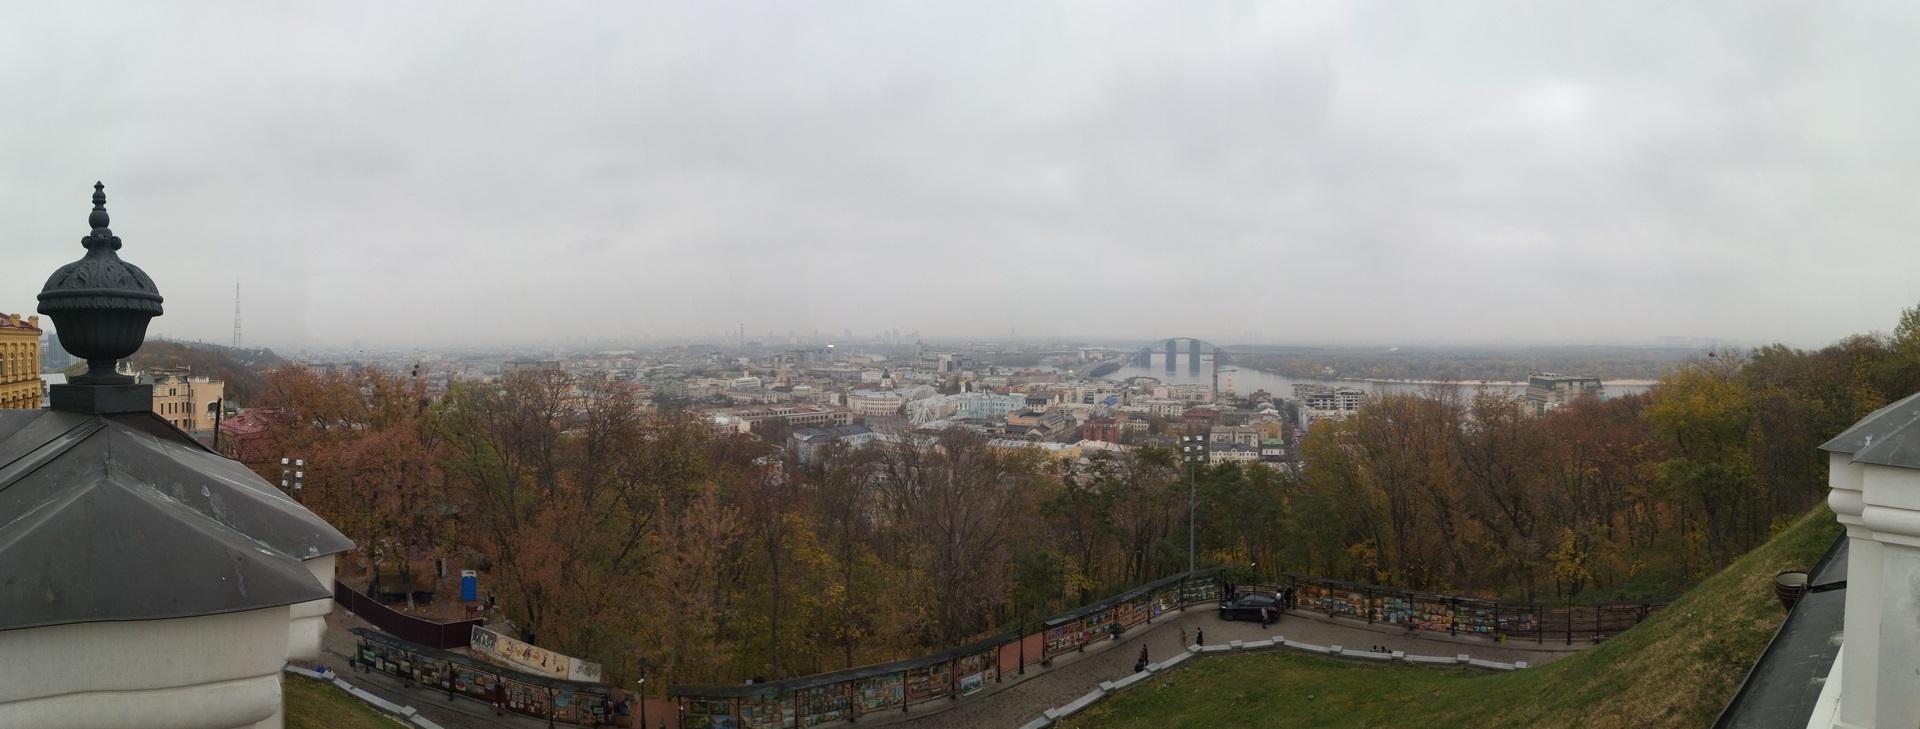 Kijów jesienią